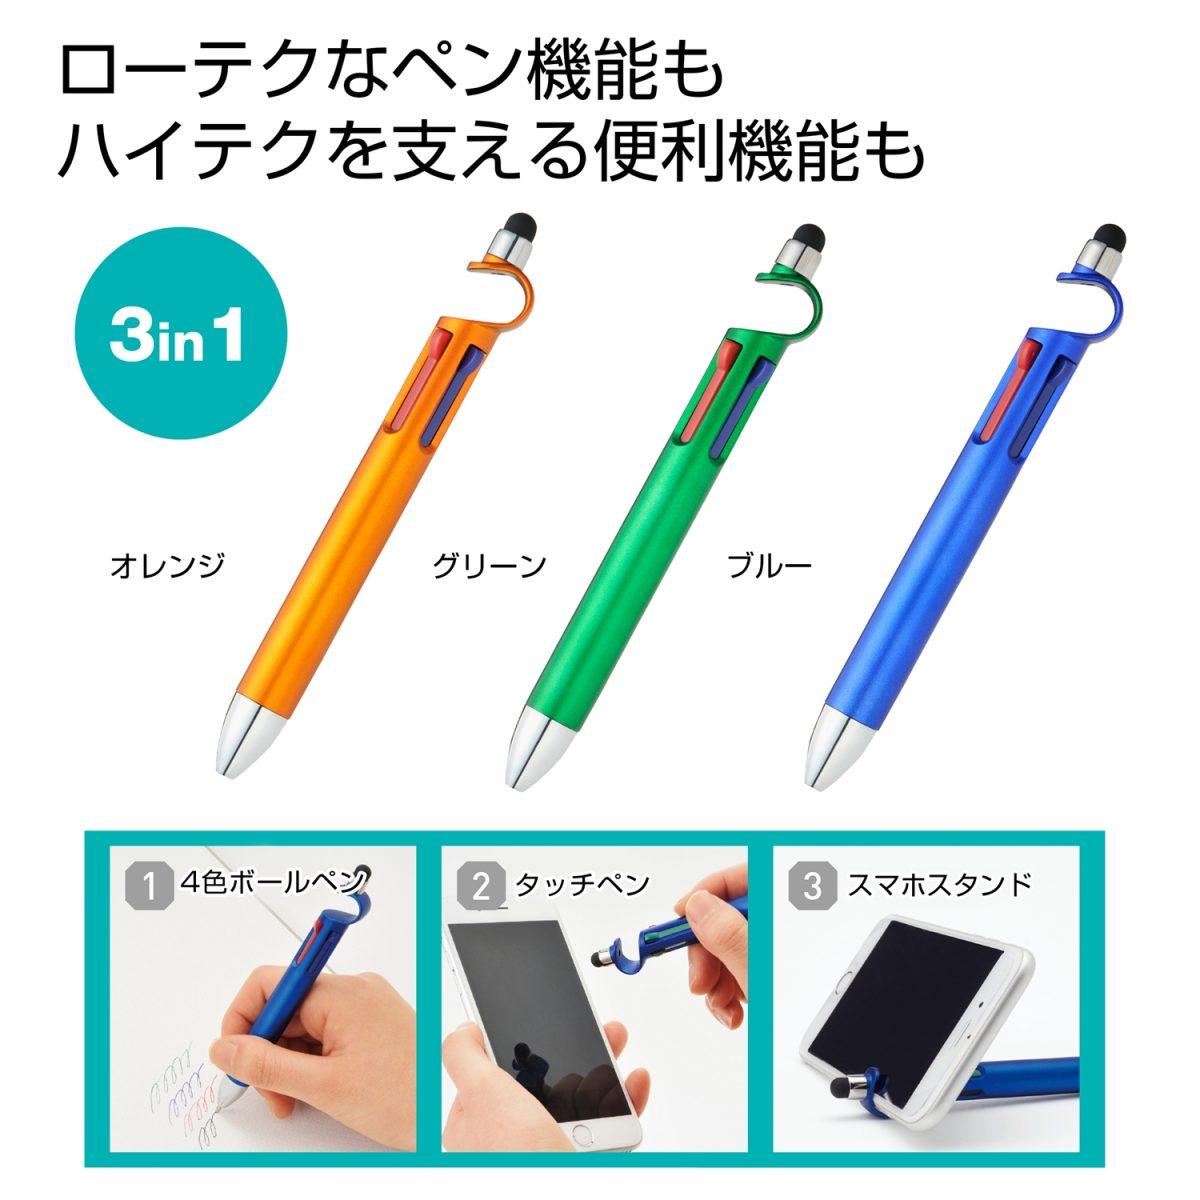 3in1多機能4色ボールペン 1本